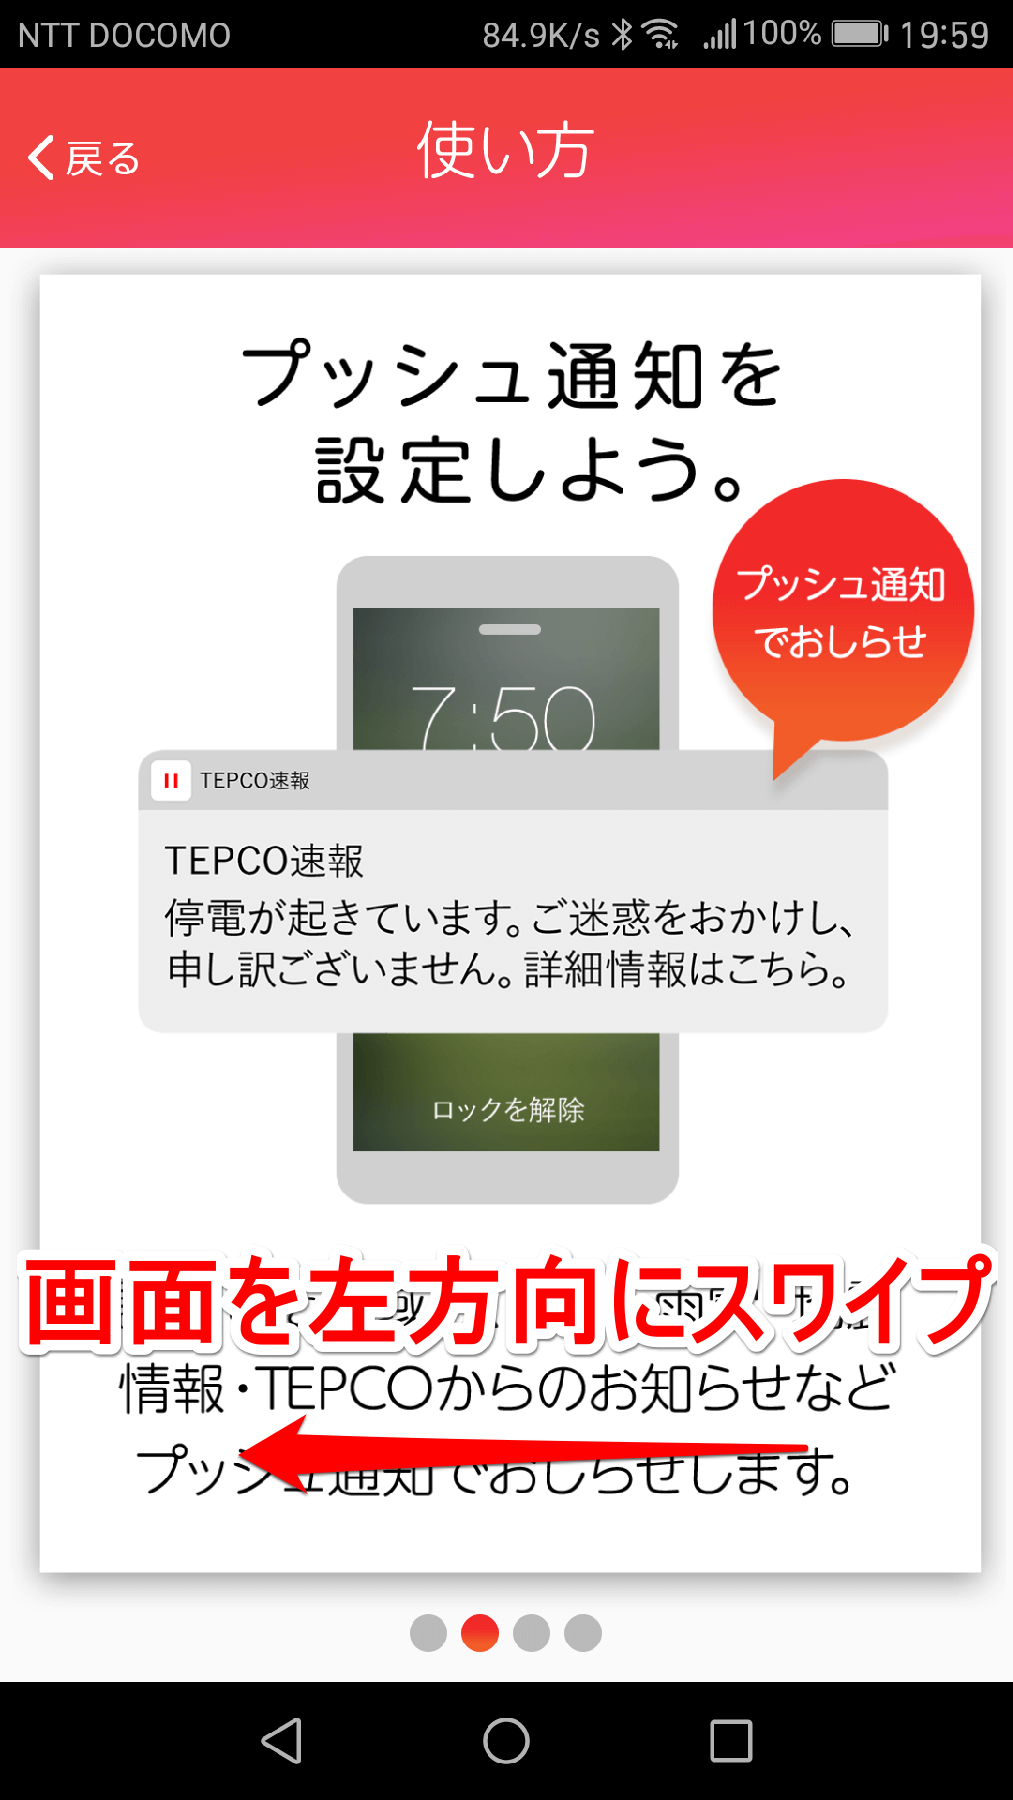 [TEPCO速報]アプリの[使い方]画面その3